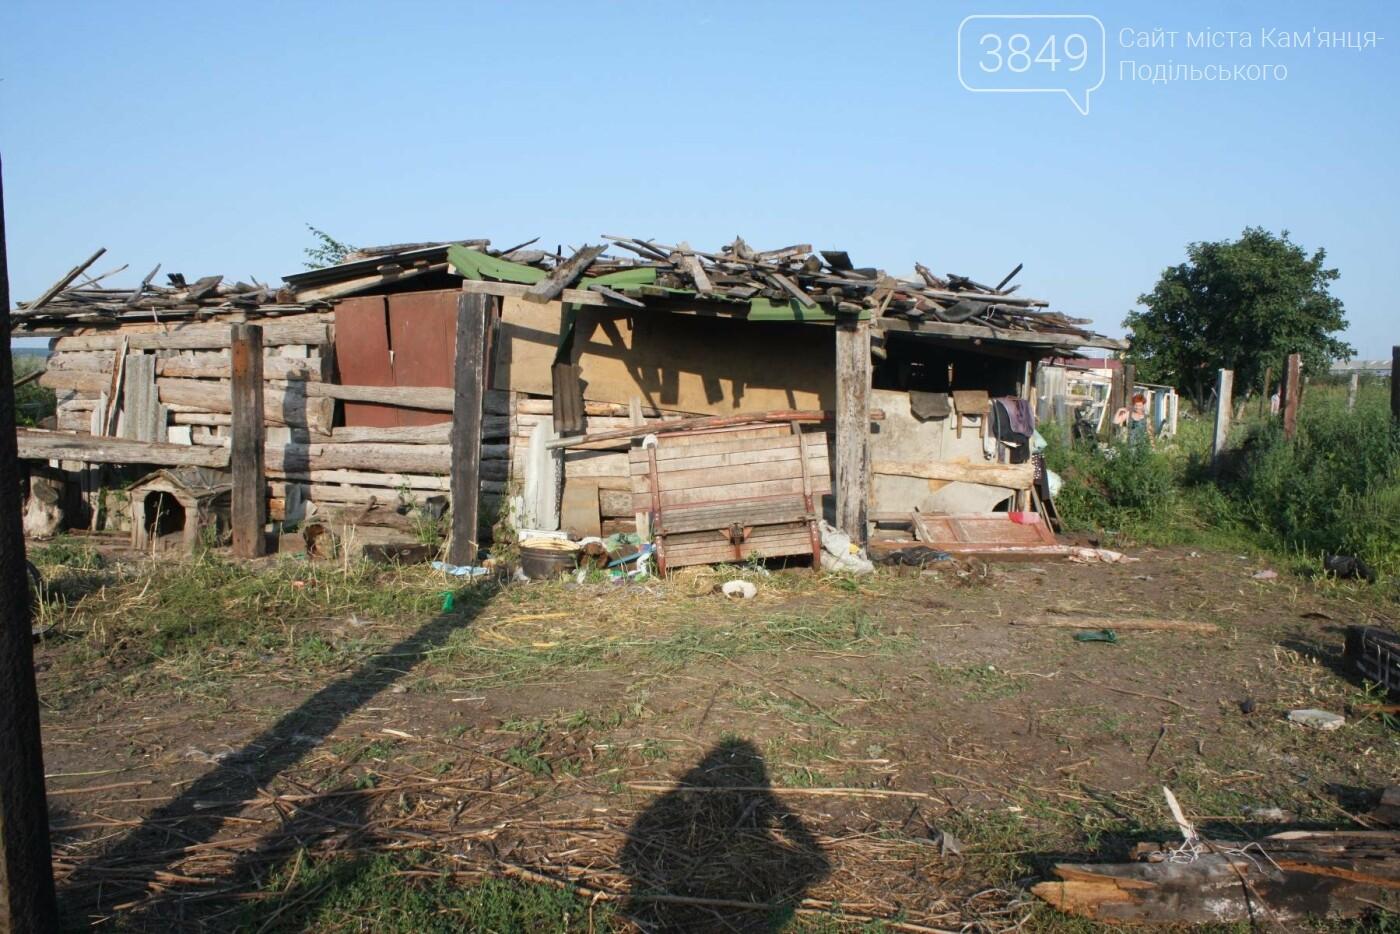 """В Кам'янці відбулось """"народне віче"""" щодо жорстокого поводження з тваринами, фото-25"""